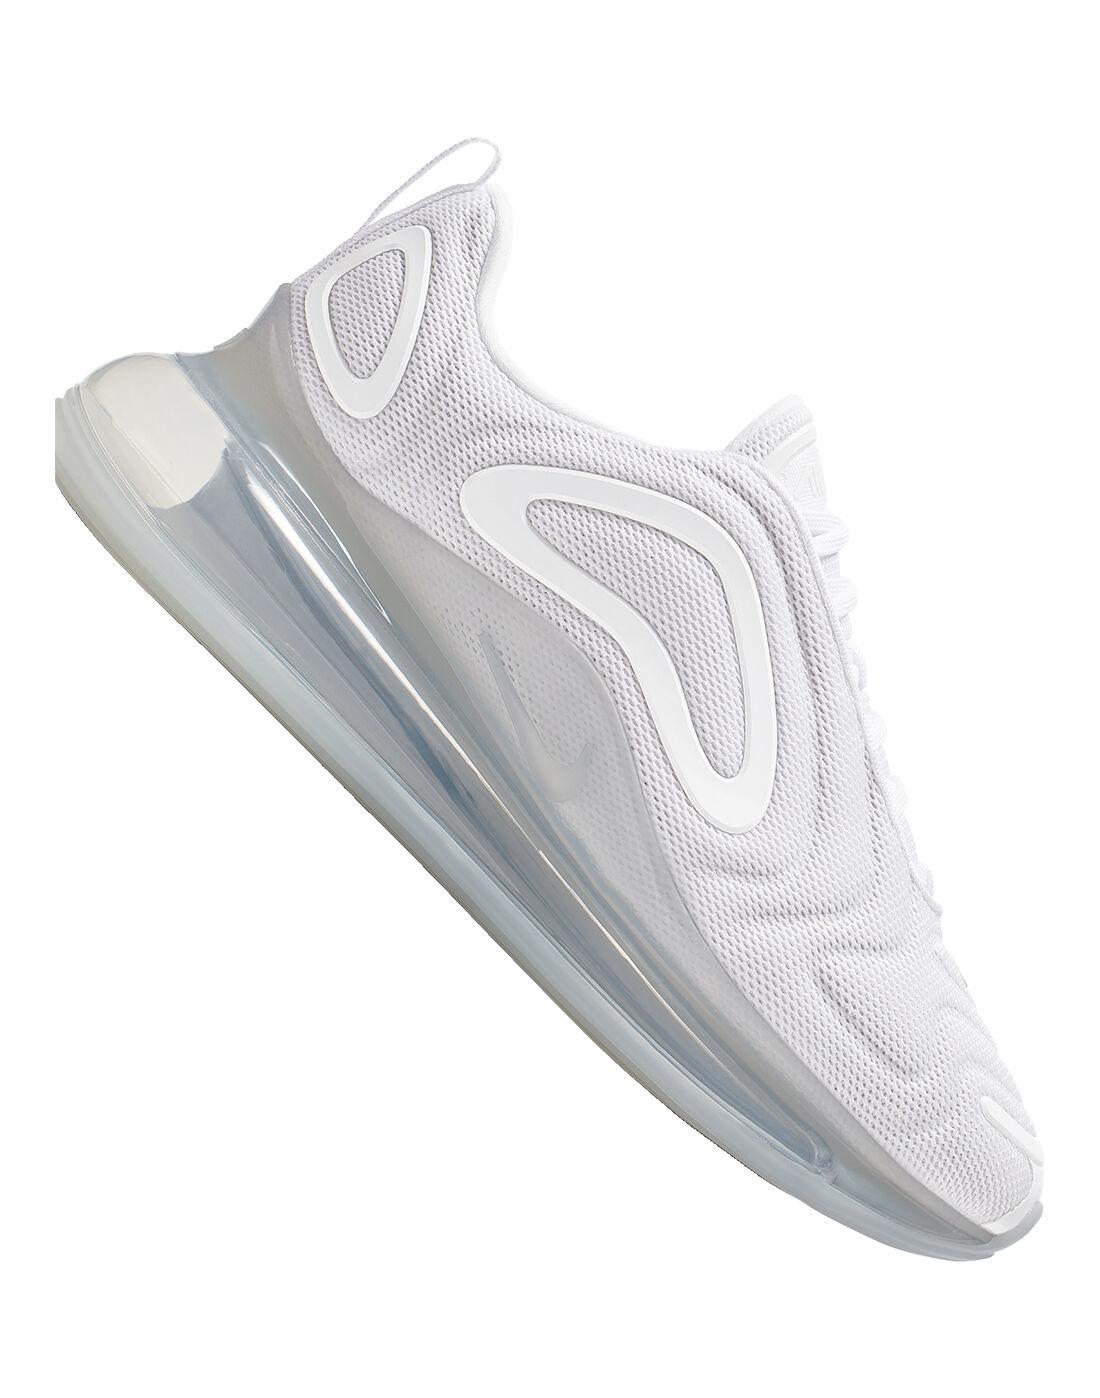 Nike Air Max 720 WMNS